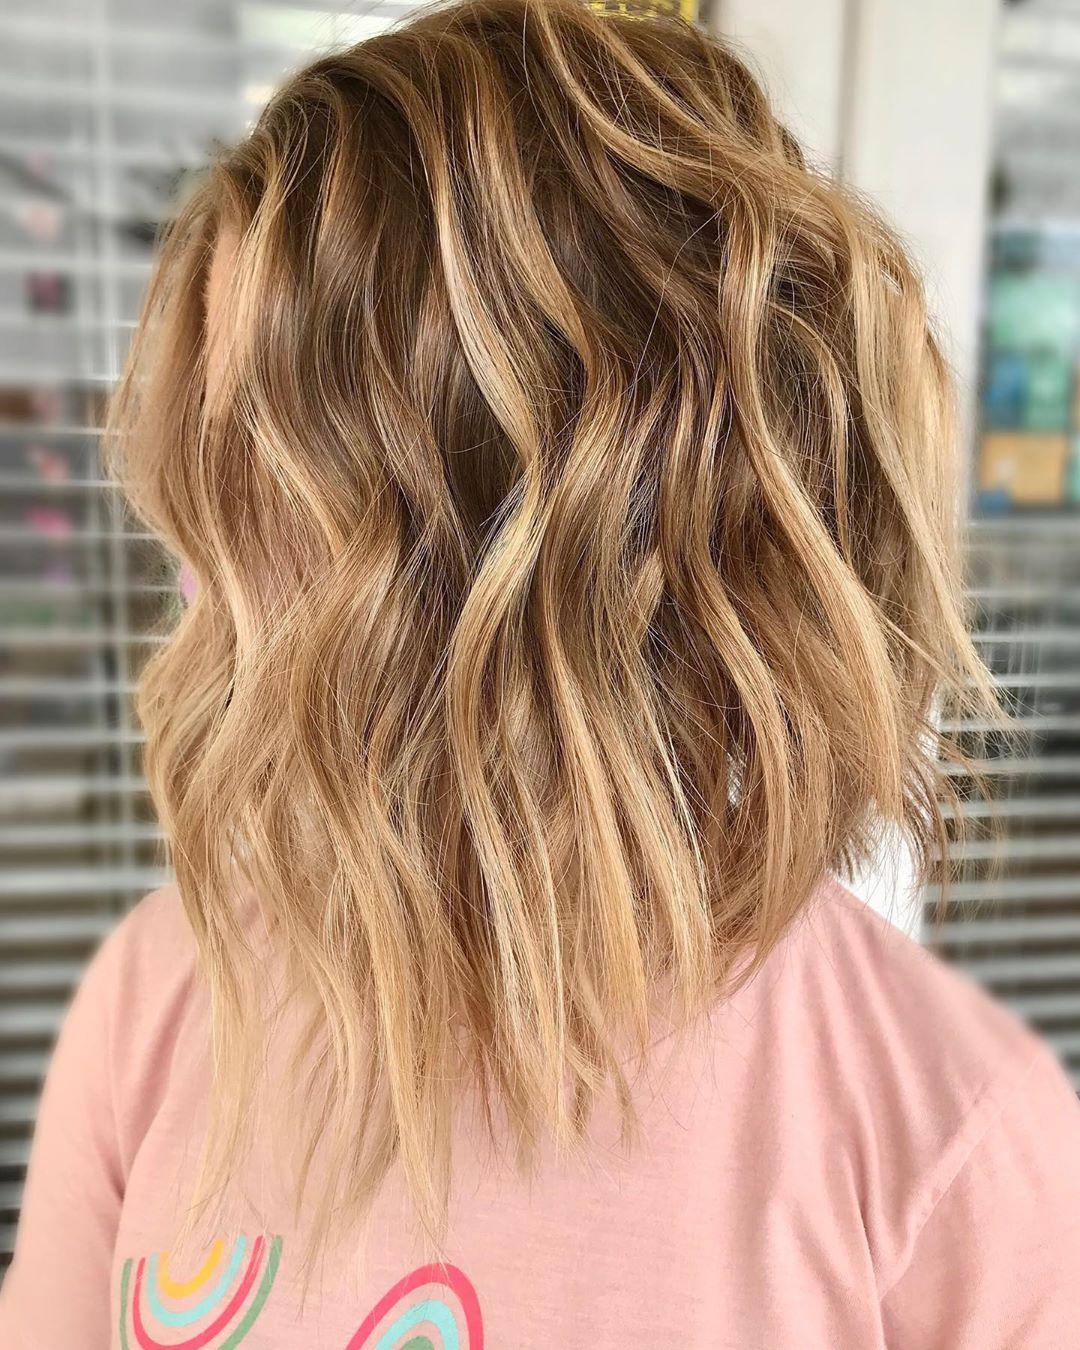 Schmeichelnde mittellange Haarschnitte mit welligem Haar - Frauen mittellange Frisuren